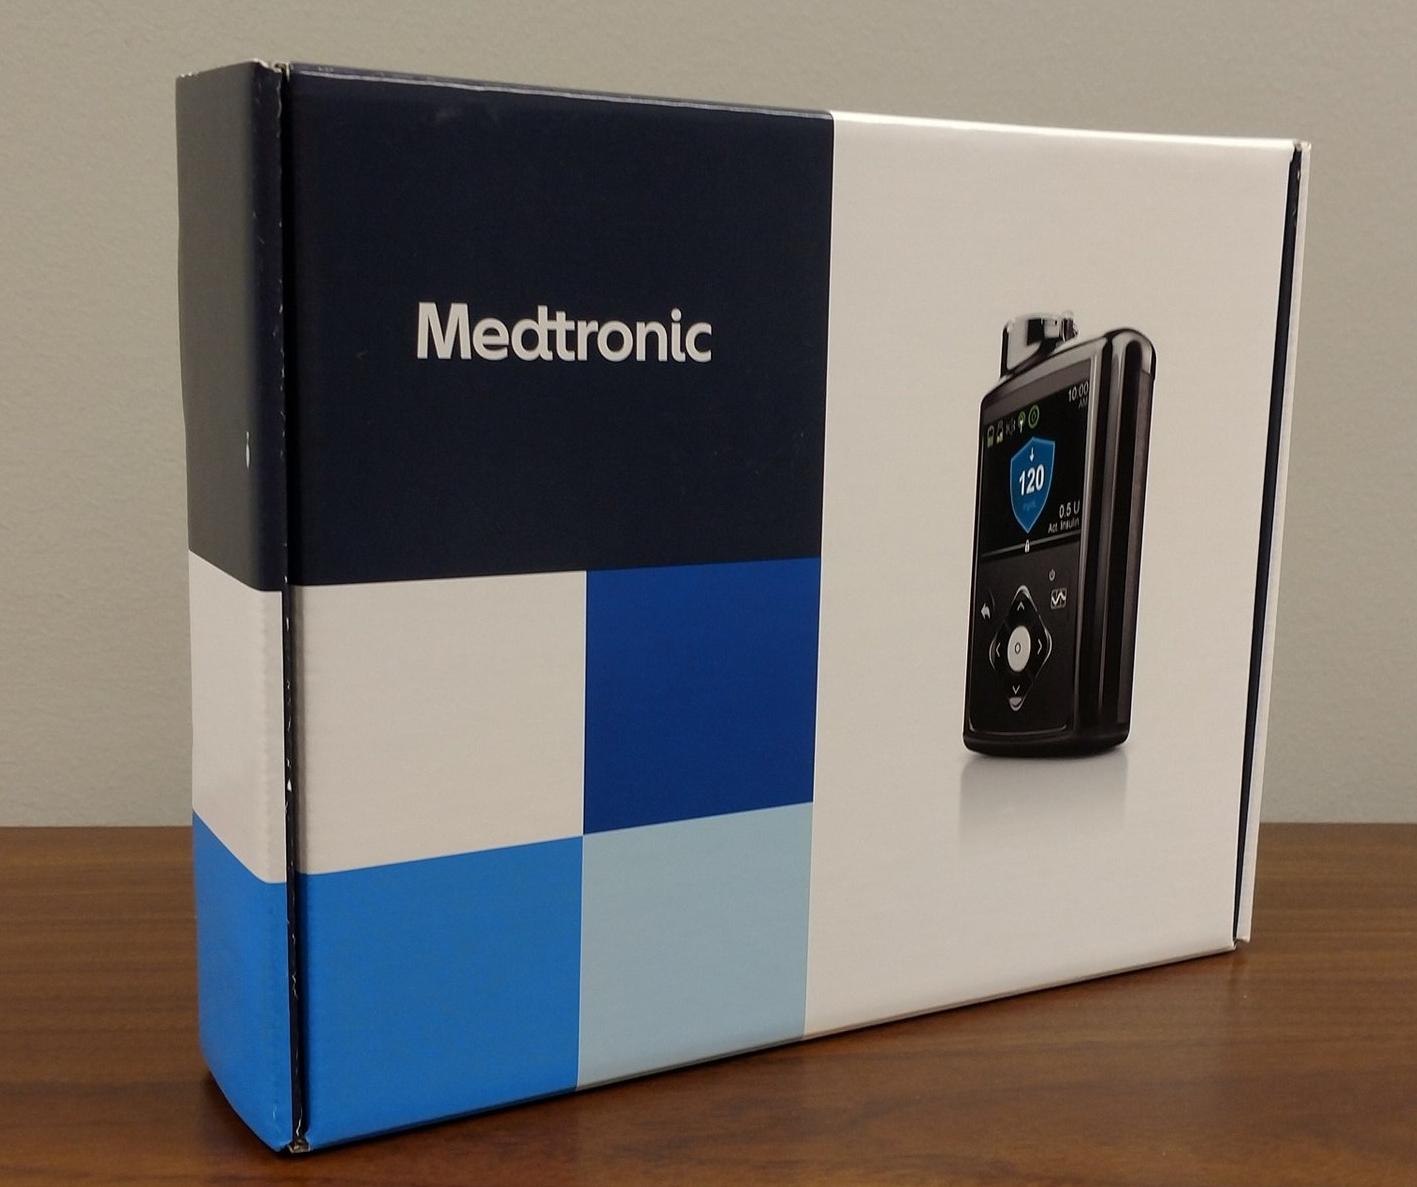 Medtronic MiniMed 670G (Photo by Steve Wood)